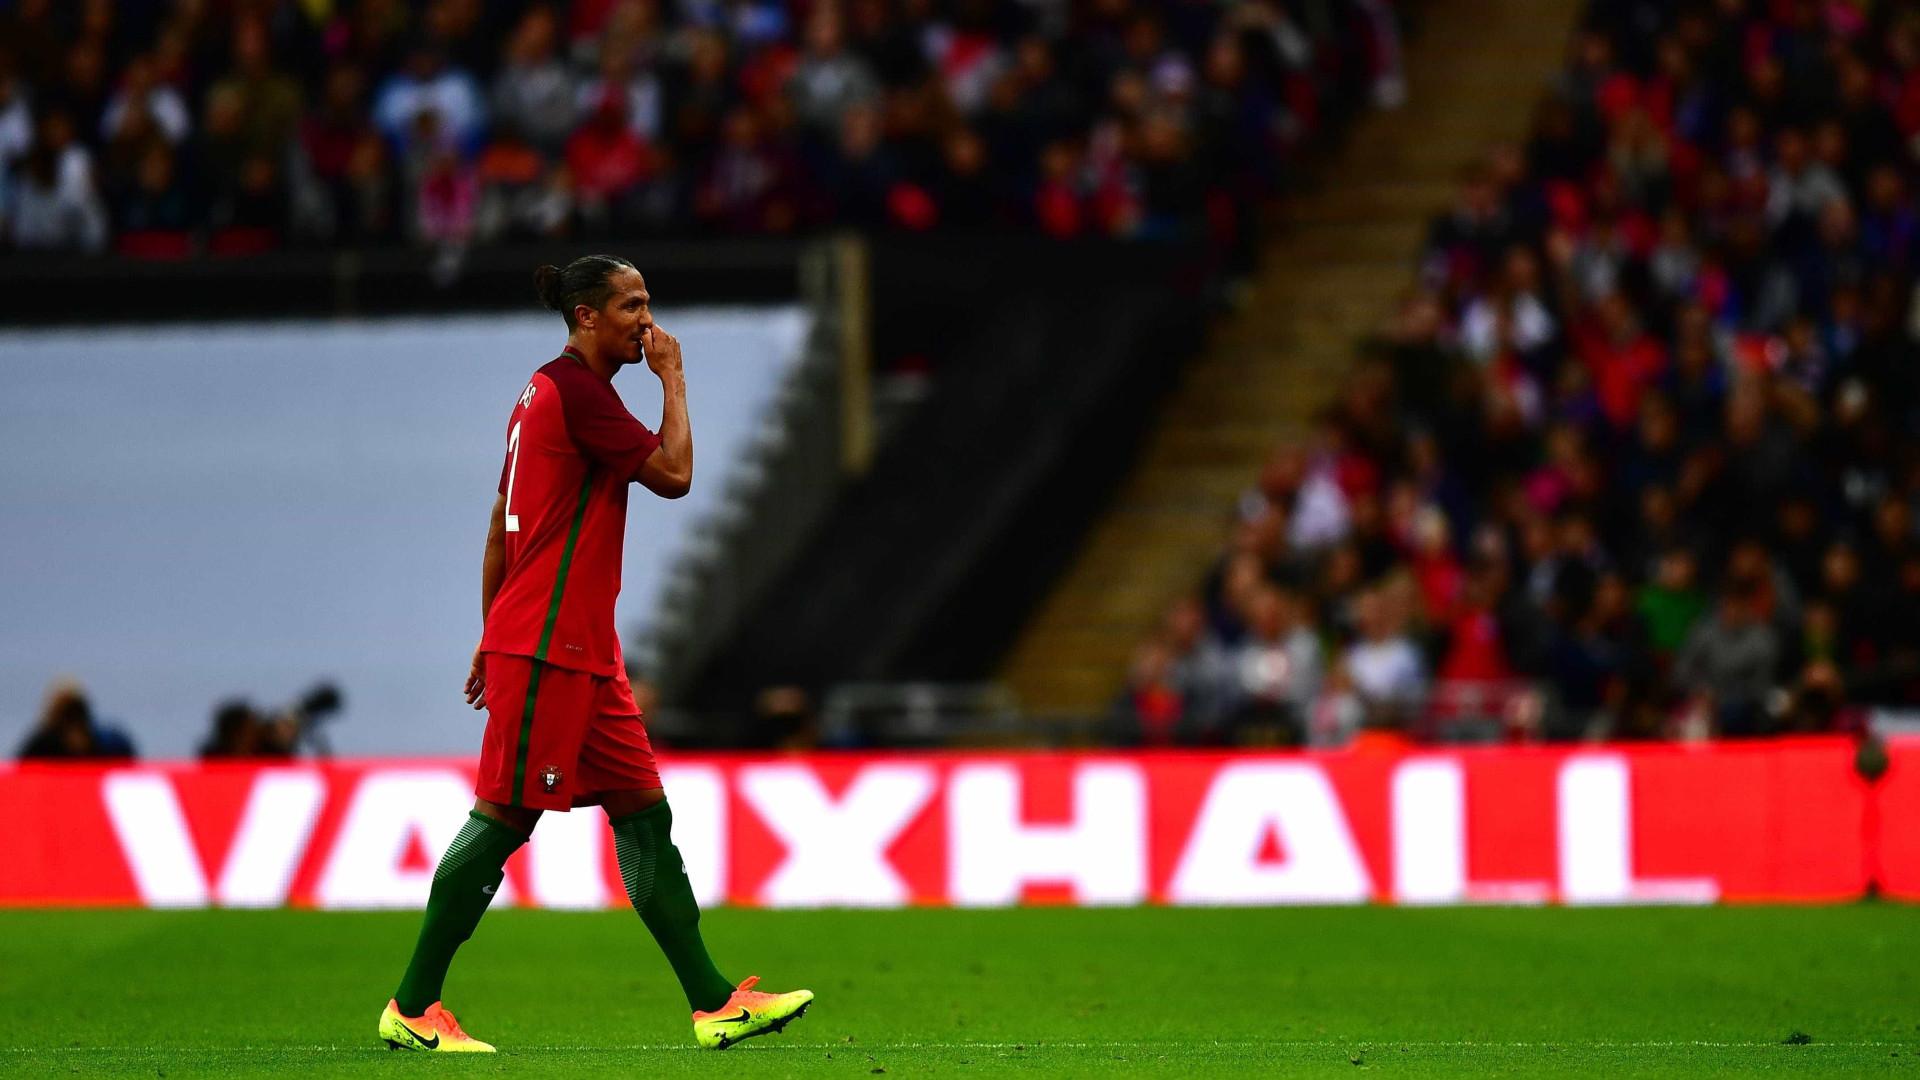 """""""Pedi à mãe do Ronaldo para lhe dar umas 'porradinhas'"""""""